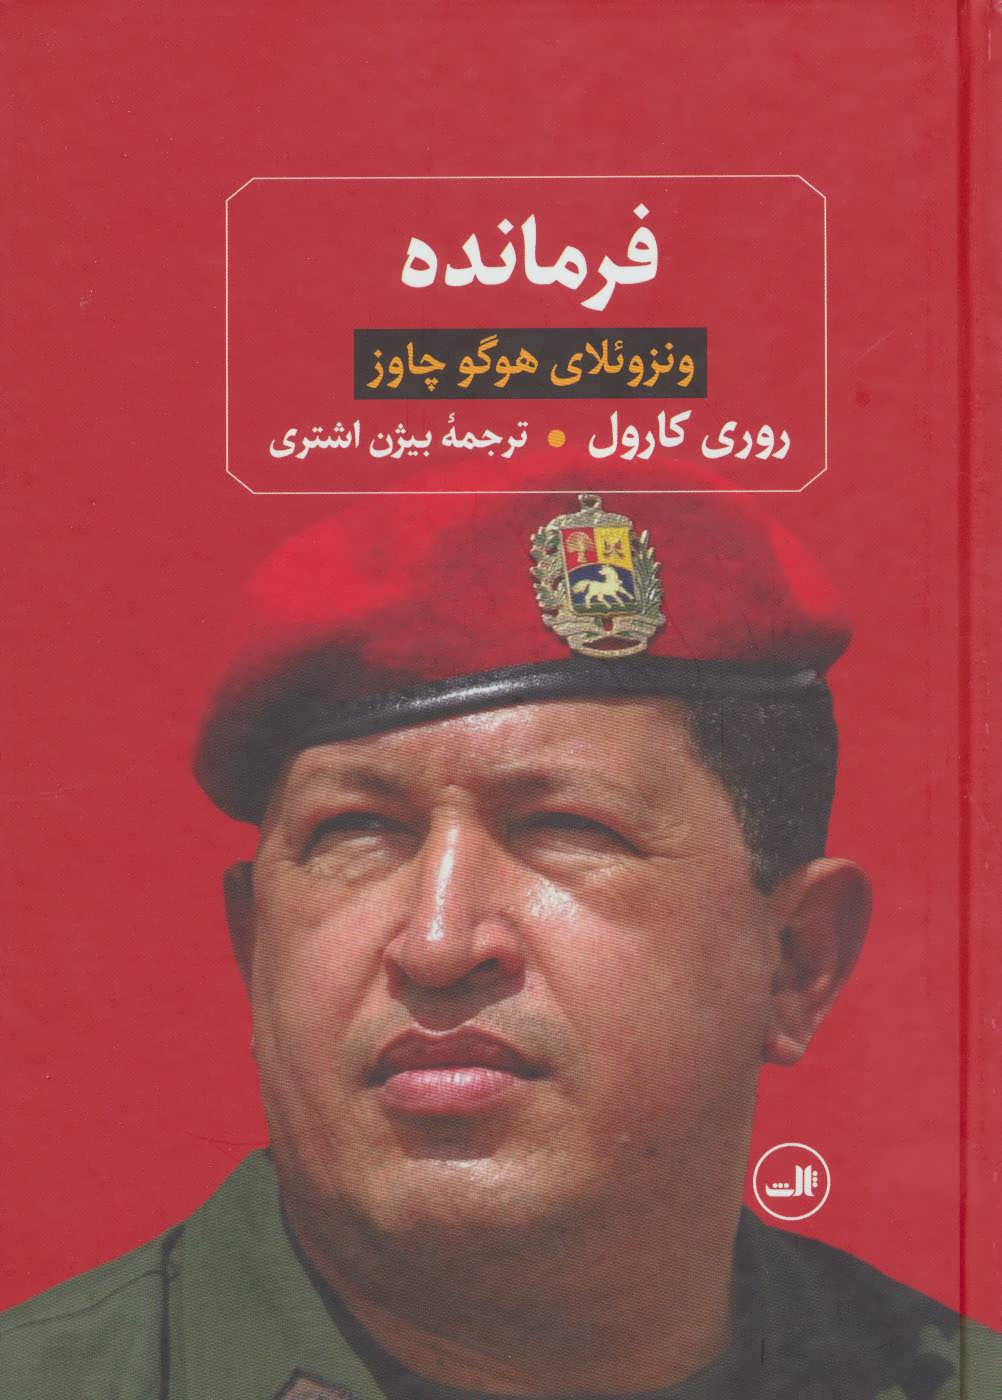 کتاب فرمانده ونزوئلای هوگو چاوز